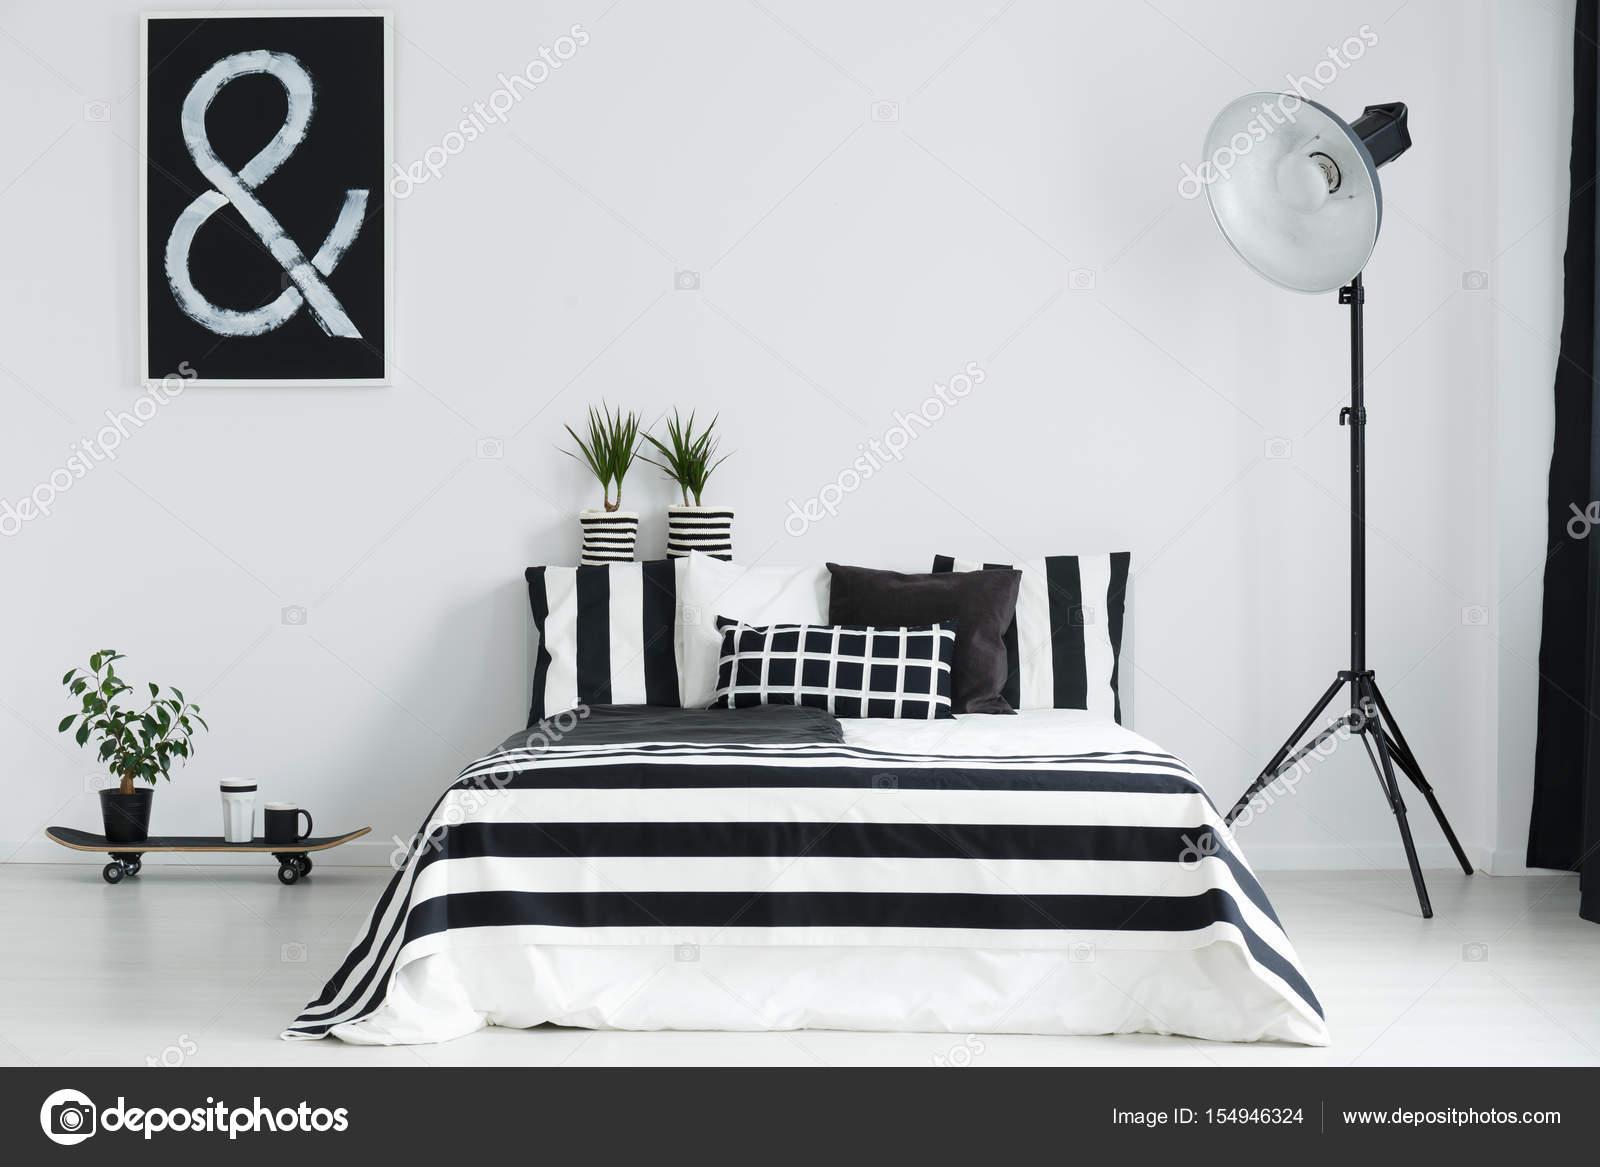 Skateboard, piante e lampada in camera da letto — Foto Stock ...